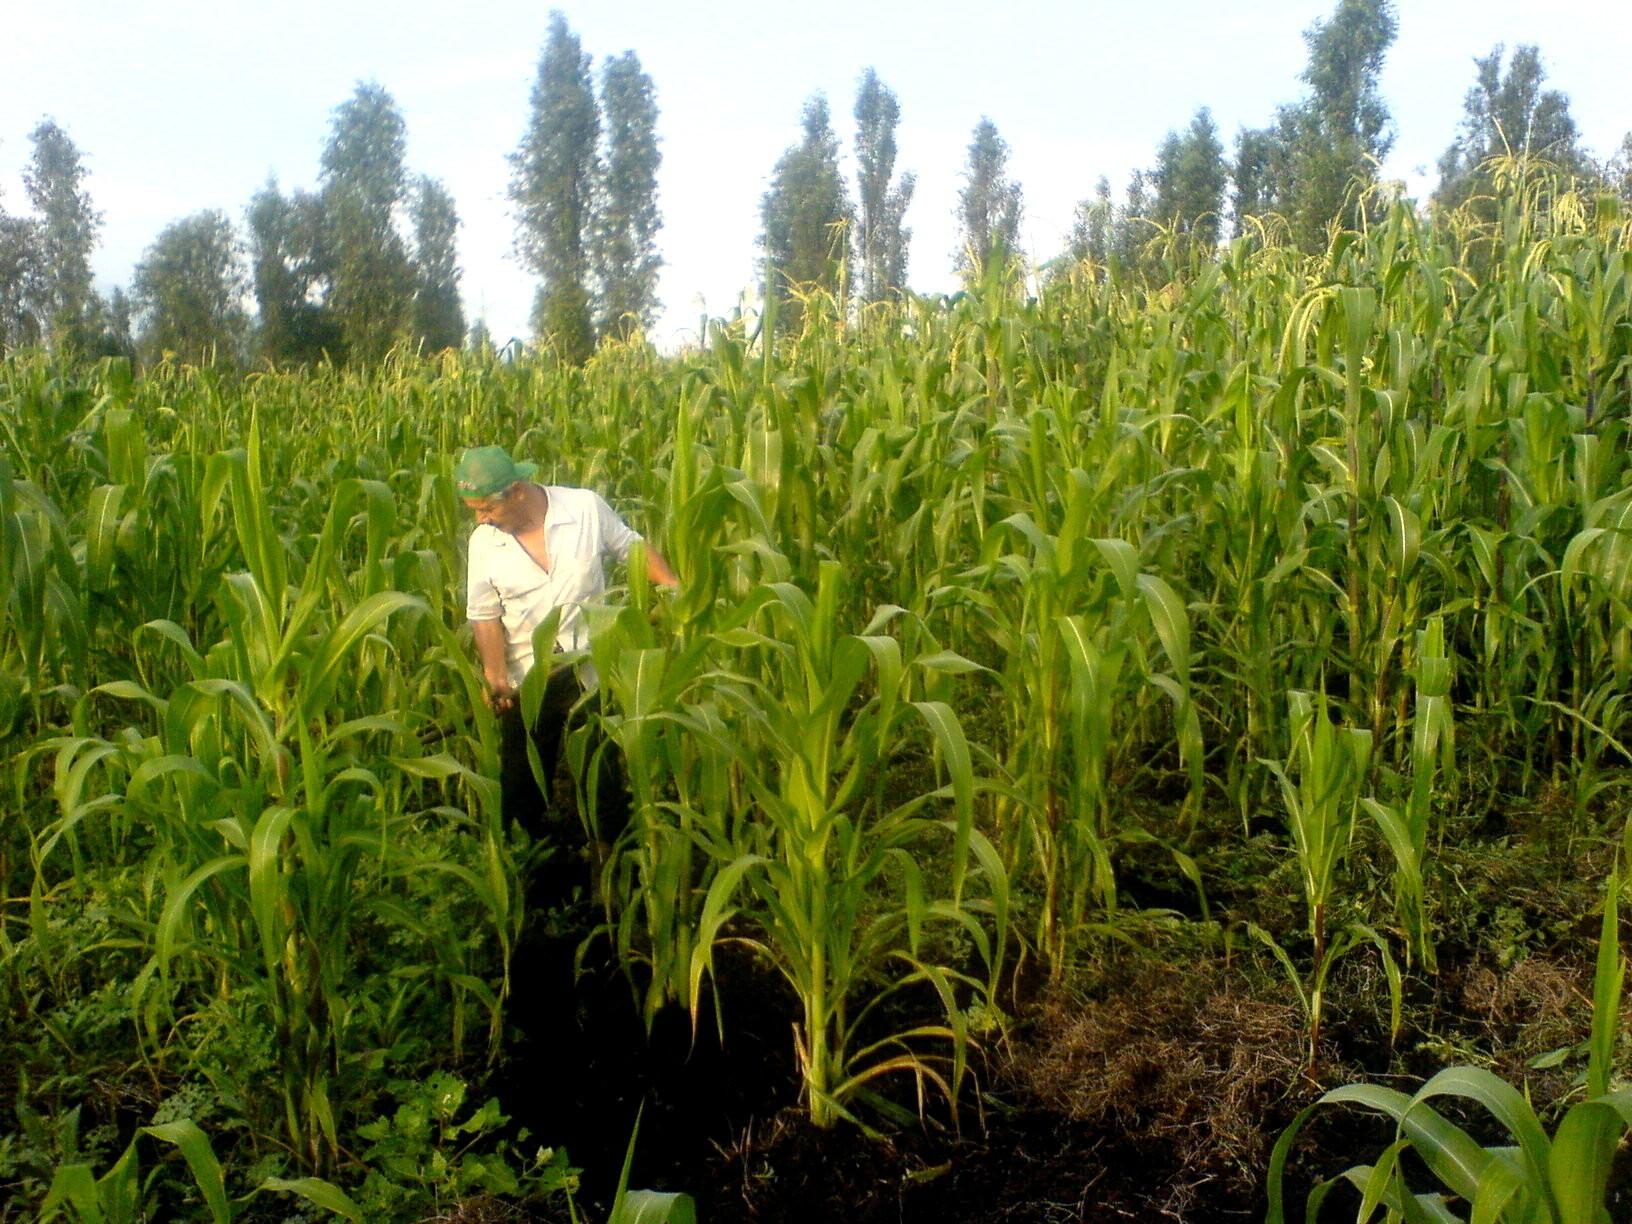 ¡¡ La cosecha de elote empieza a principios de agosto!!